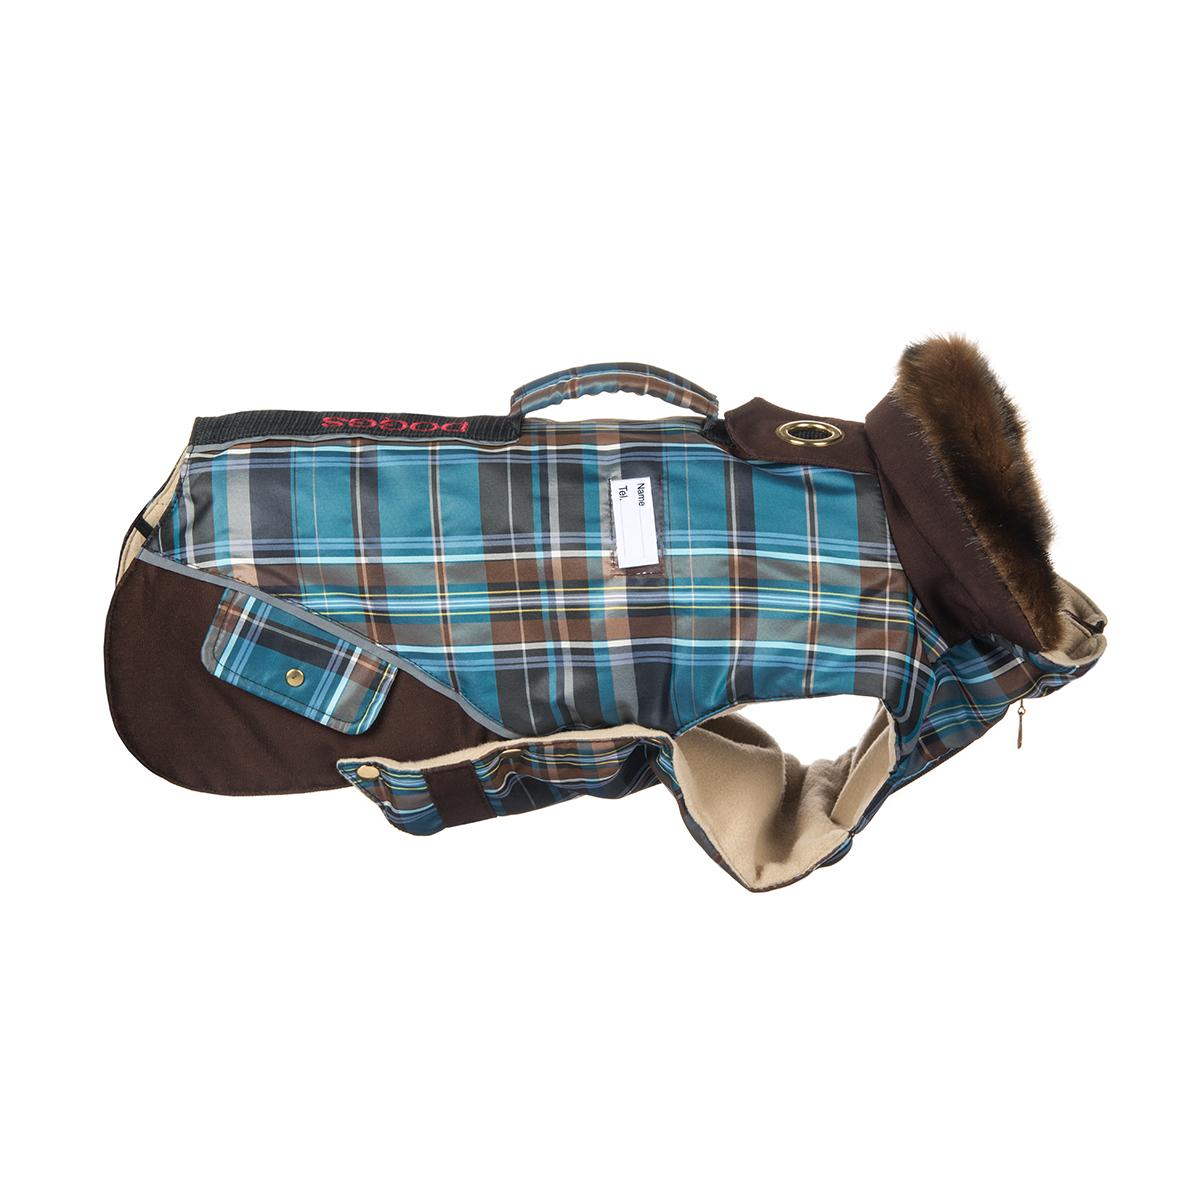 Попона для собак Dogmoda Doggs, для мальчика, цвет: синий, коричневый. Размер XLDM-140550Теплая попона для собак Dogmoda Doggs отлично подойдет для прогулок в холодное время года. Попона изготовлена из водоотталкивающего полиэстера, защищающего от ветра и осадков, с утеплителем из синтепона, который сохранит тепло даже в сильные морозы, а на подкладке используется флис, который отлично сохраняет тепло и обеспечивает воздухообмен. Попона оснащена прорезями для ног и застегивается на кнопки, а высокий ворот с расширителем имеет застежку-молнию и кнопку, благодаря чему ее легко надевать и снимать. Ворот украшен искусственным мехом. На животе попона затягивается на шнурок-кулиску с зажимом. Спинка декорирована вышитой надписью Doggs, оснащена светоотражающими элементами и ручкой. Модель снабжена непромокаемым карманом для размещения записки с информацией о вашем питомце, на случай если он потеряется. Благодаря такой попоне питомцу будет тепло и комфортно в любое время года. Попона подходит для собак следующих пород: -...